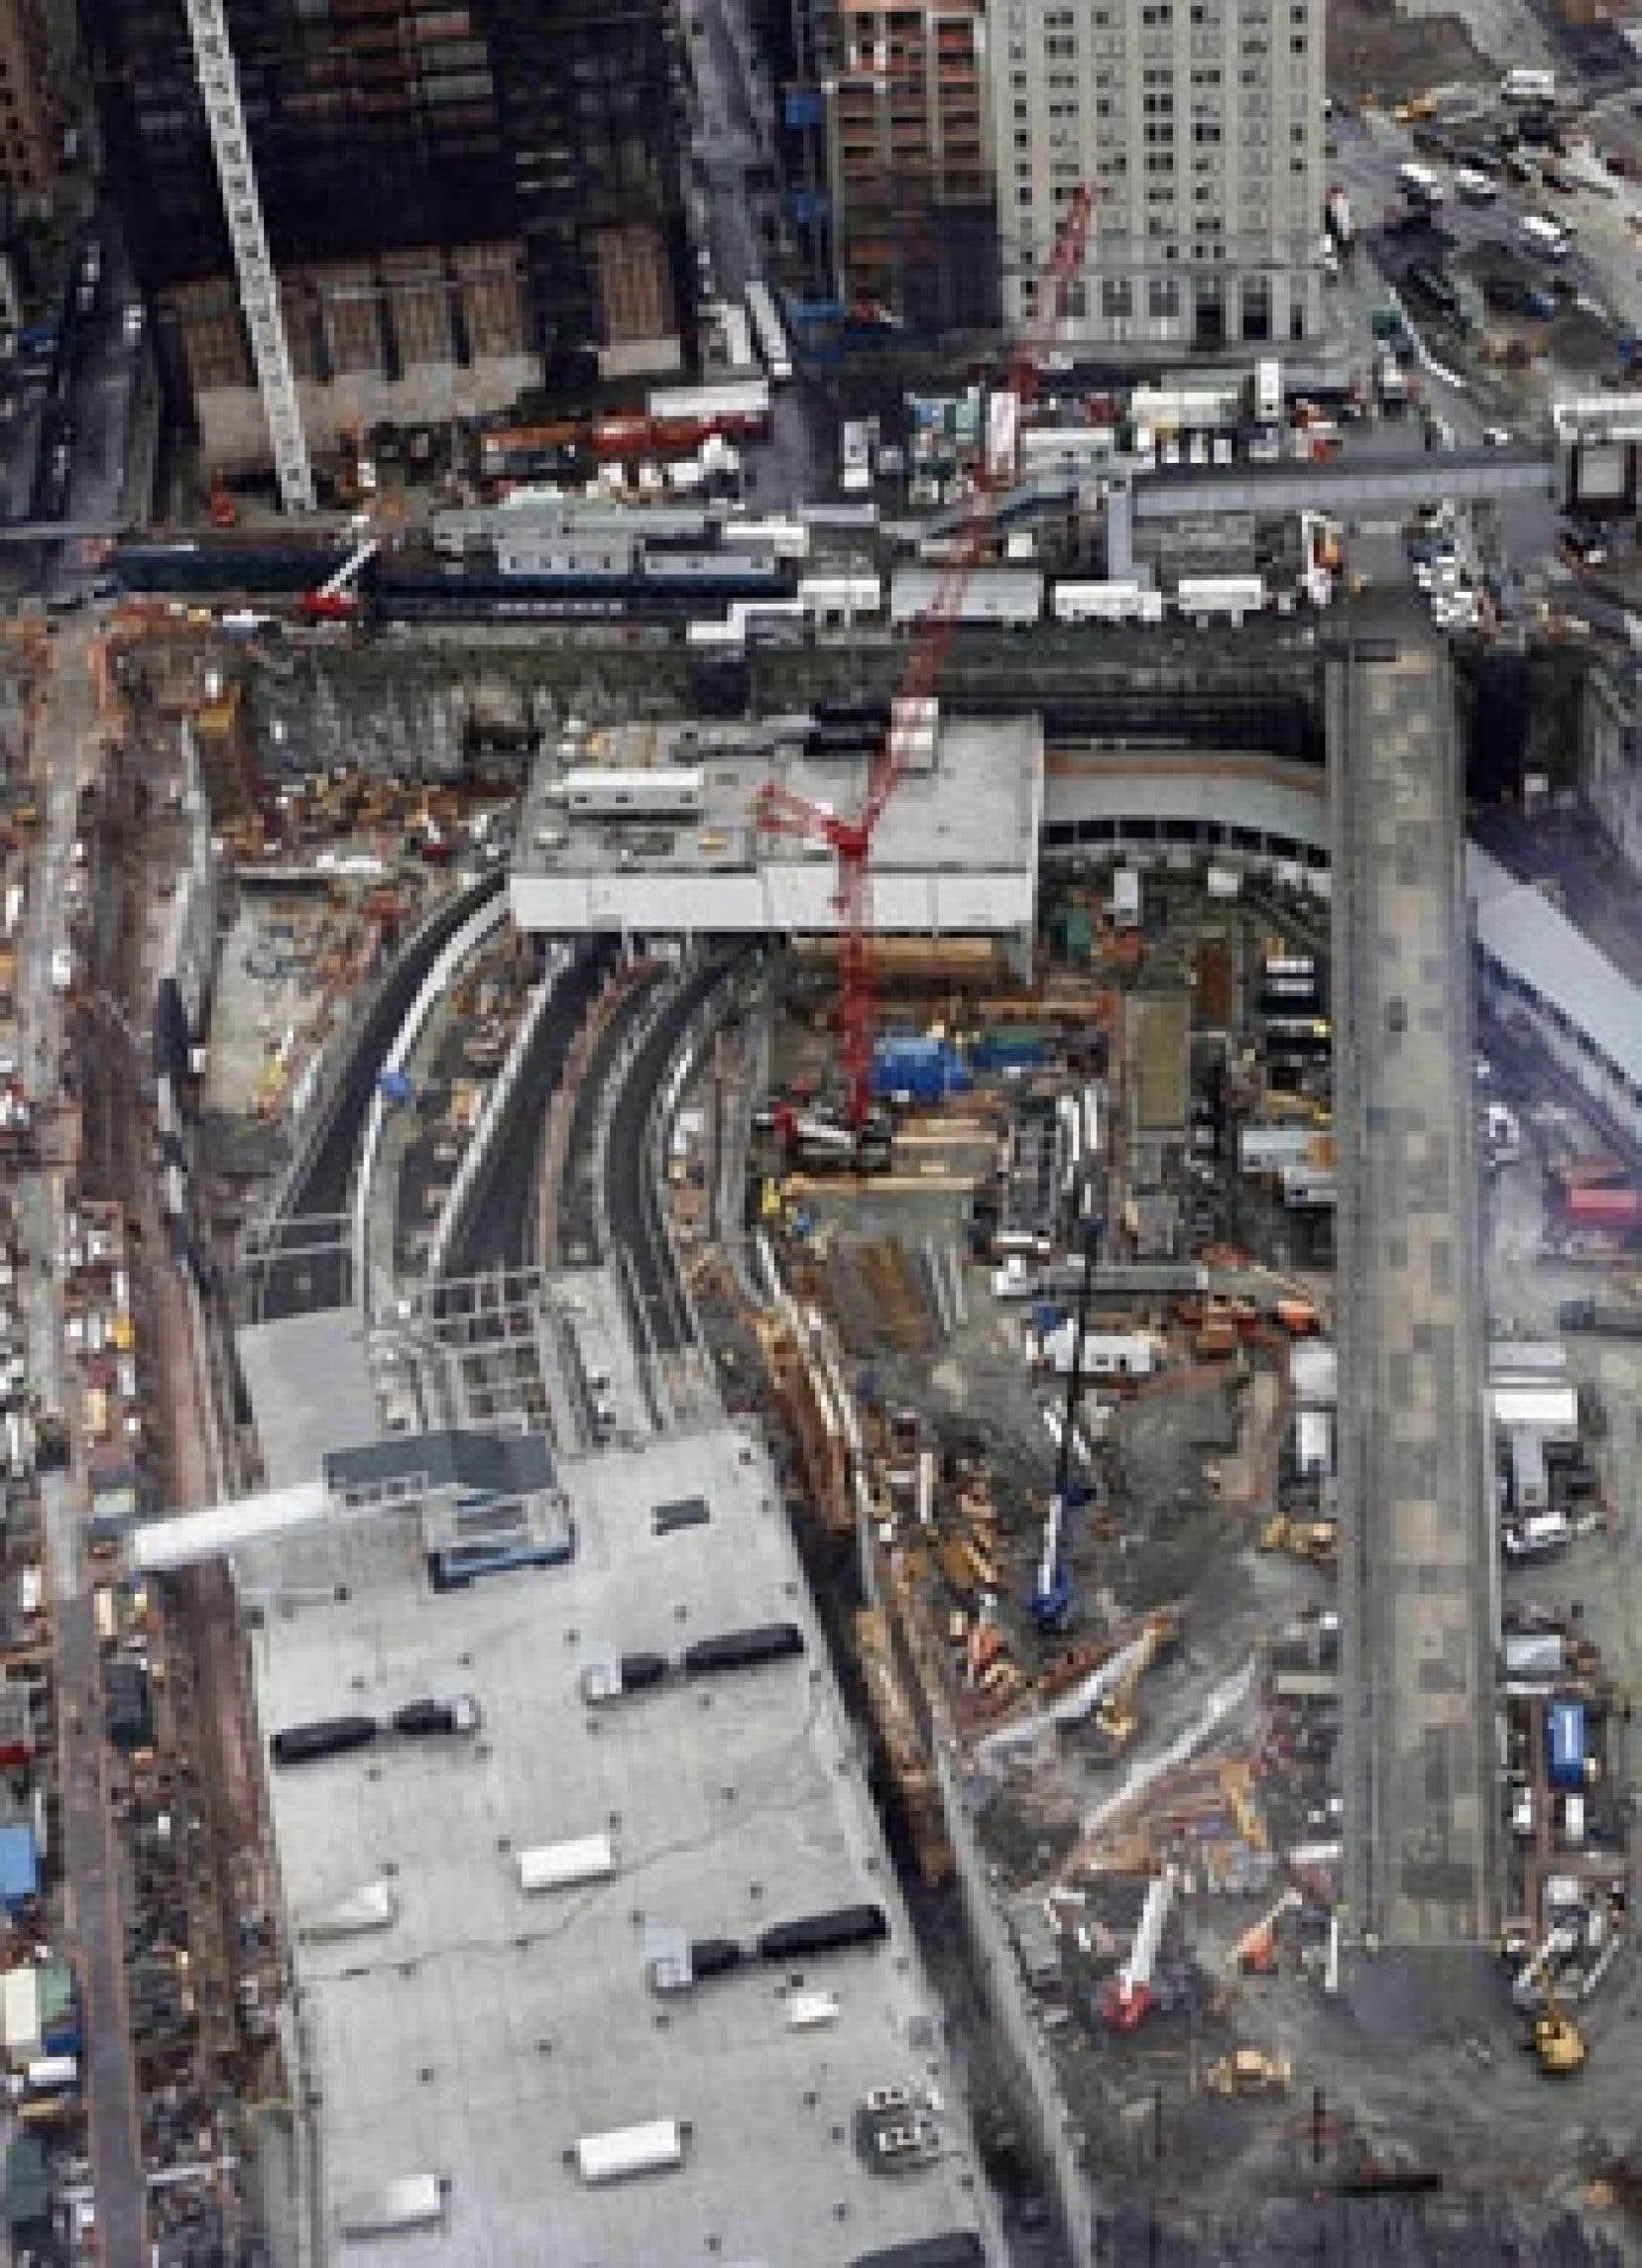 Le site du World Trade Center sept ans après les attentats du 11-Septembre.